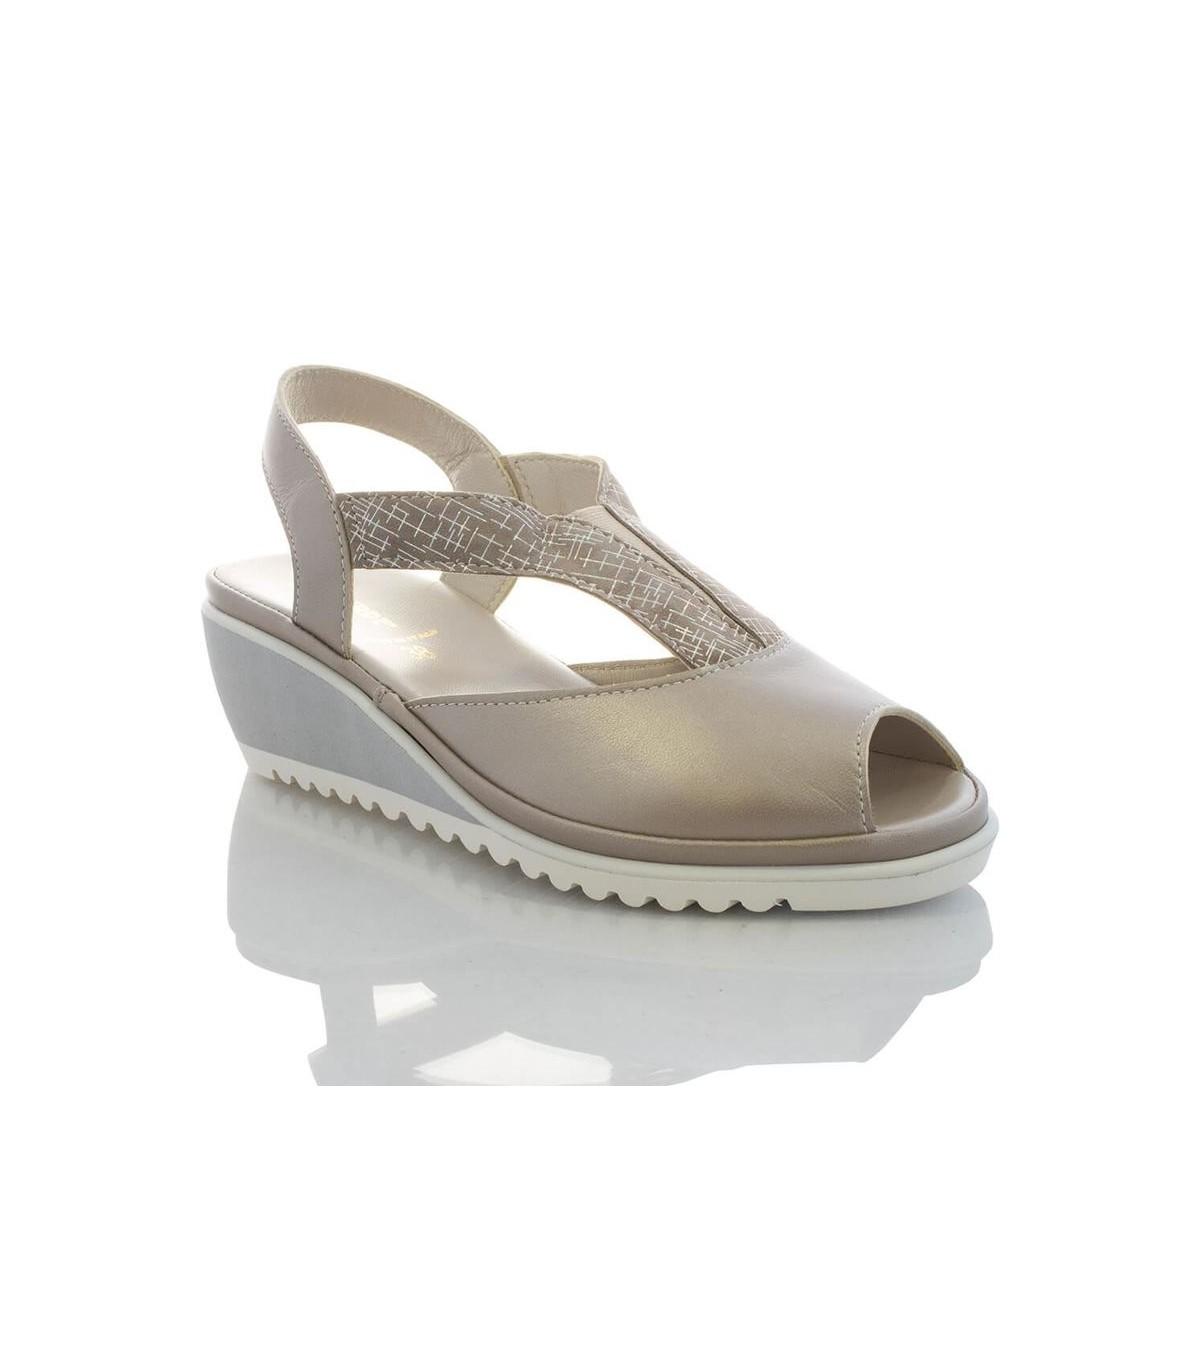 vendita scontata modellazione duratura davvero comodo Valleverde Comfort sandali donna V3205